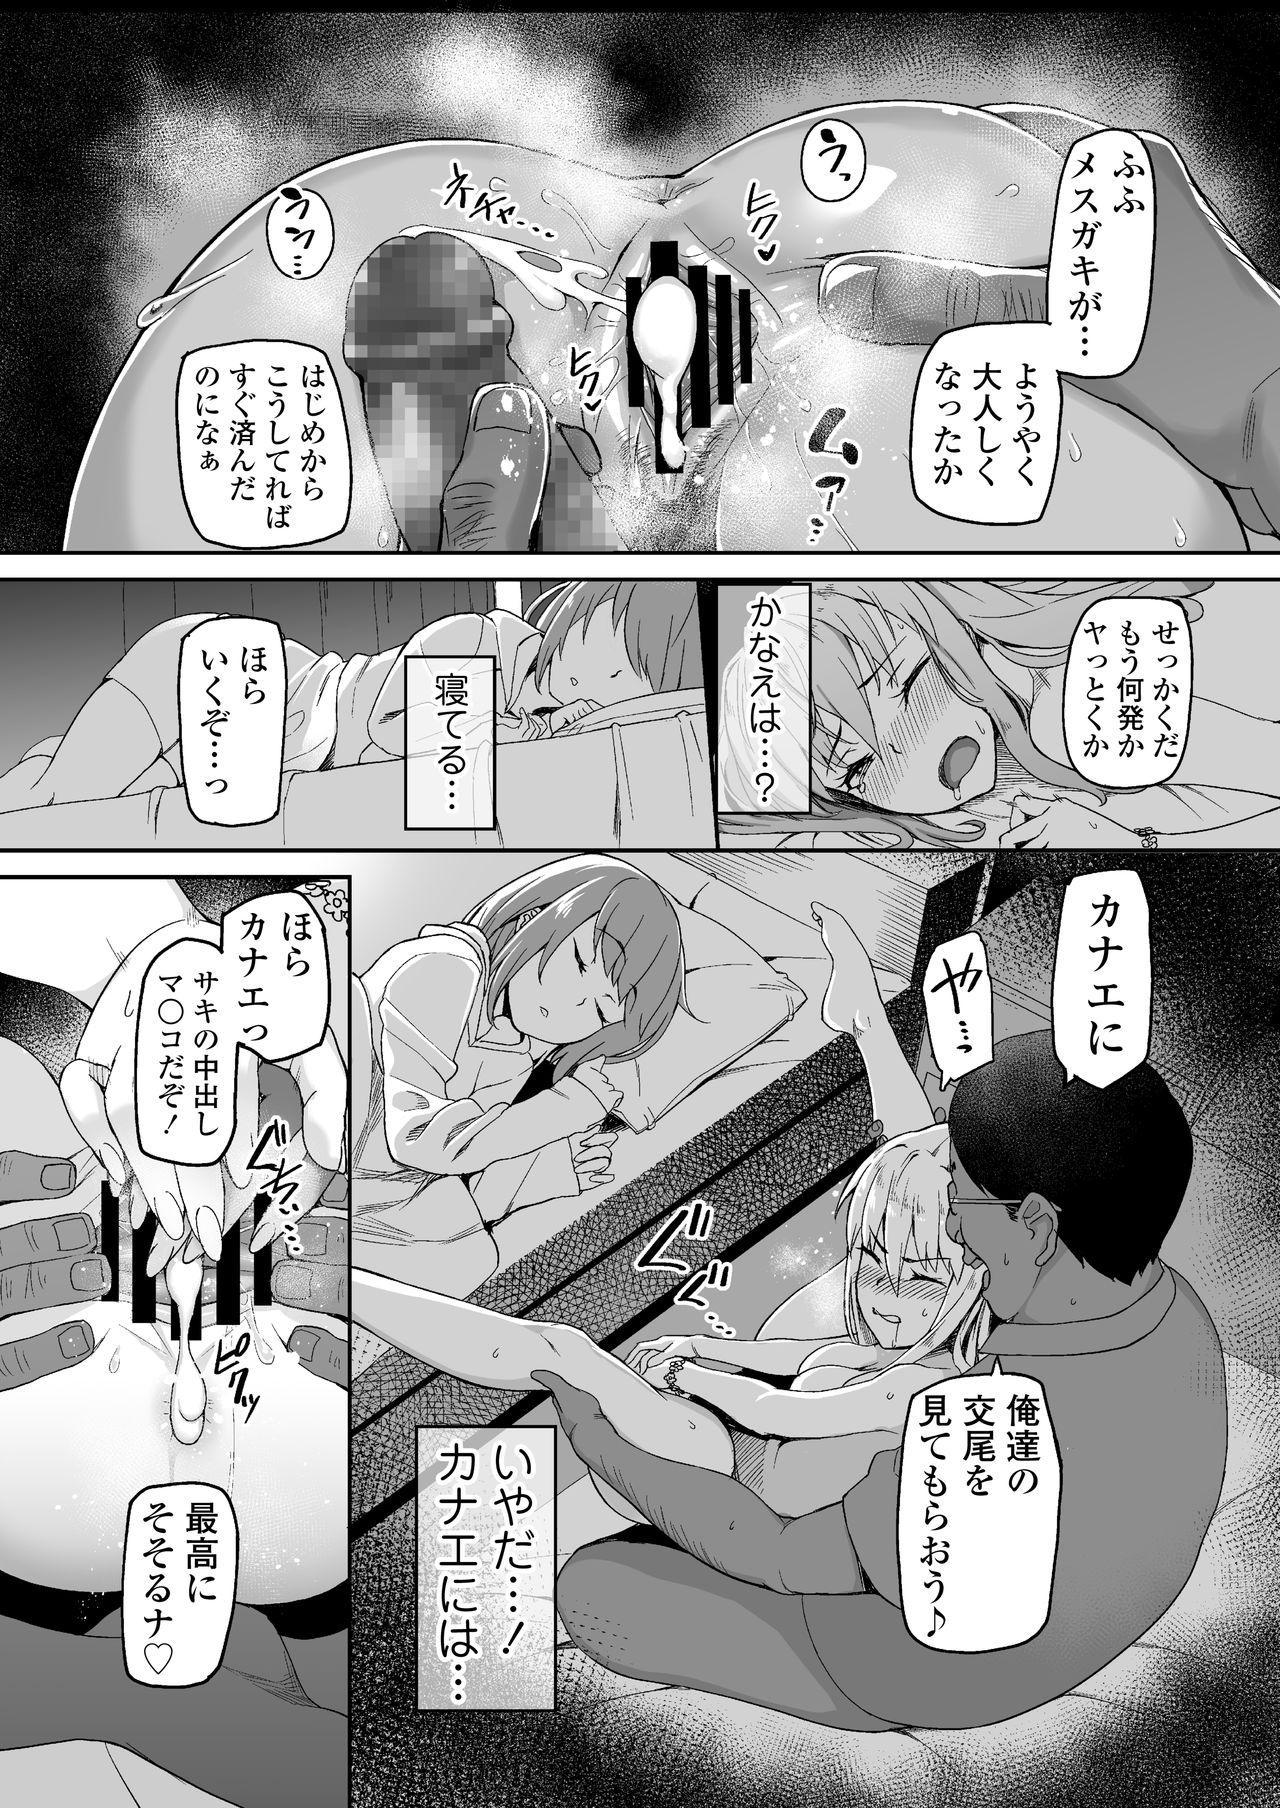 COMIC AOHA 2021 Natsu 199